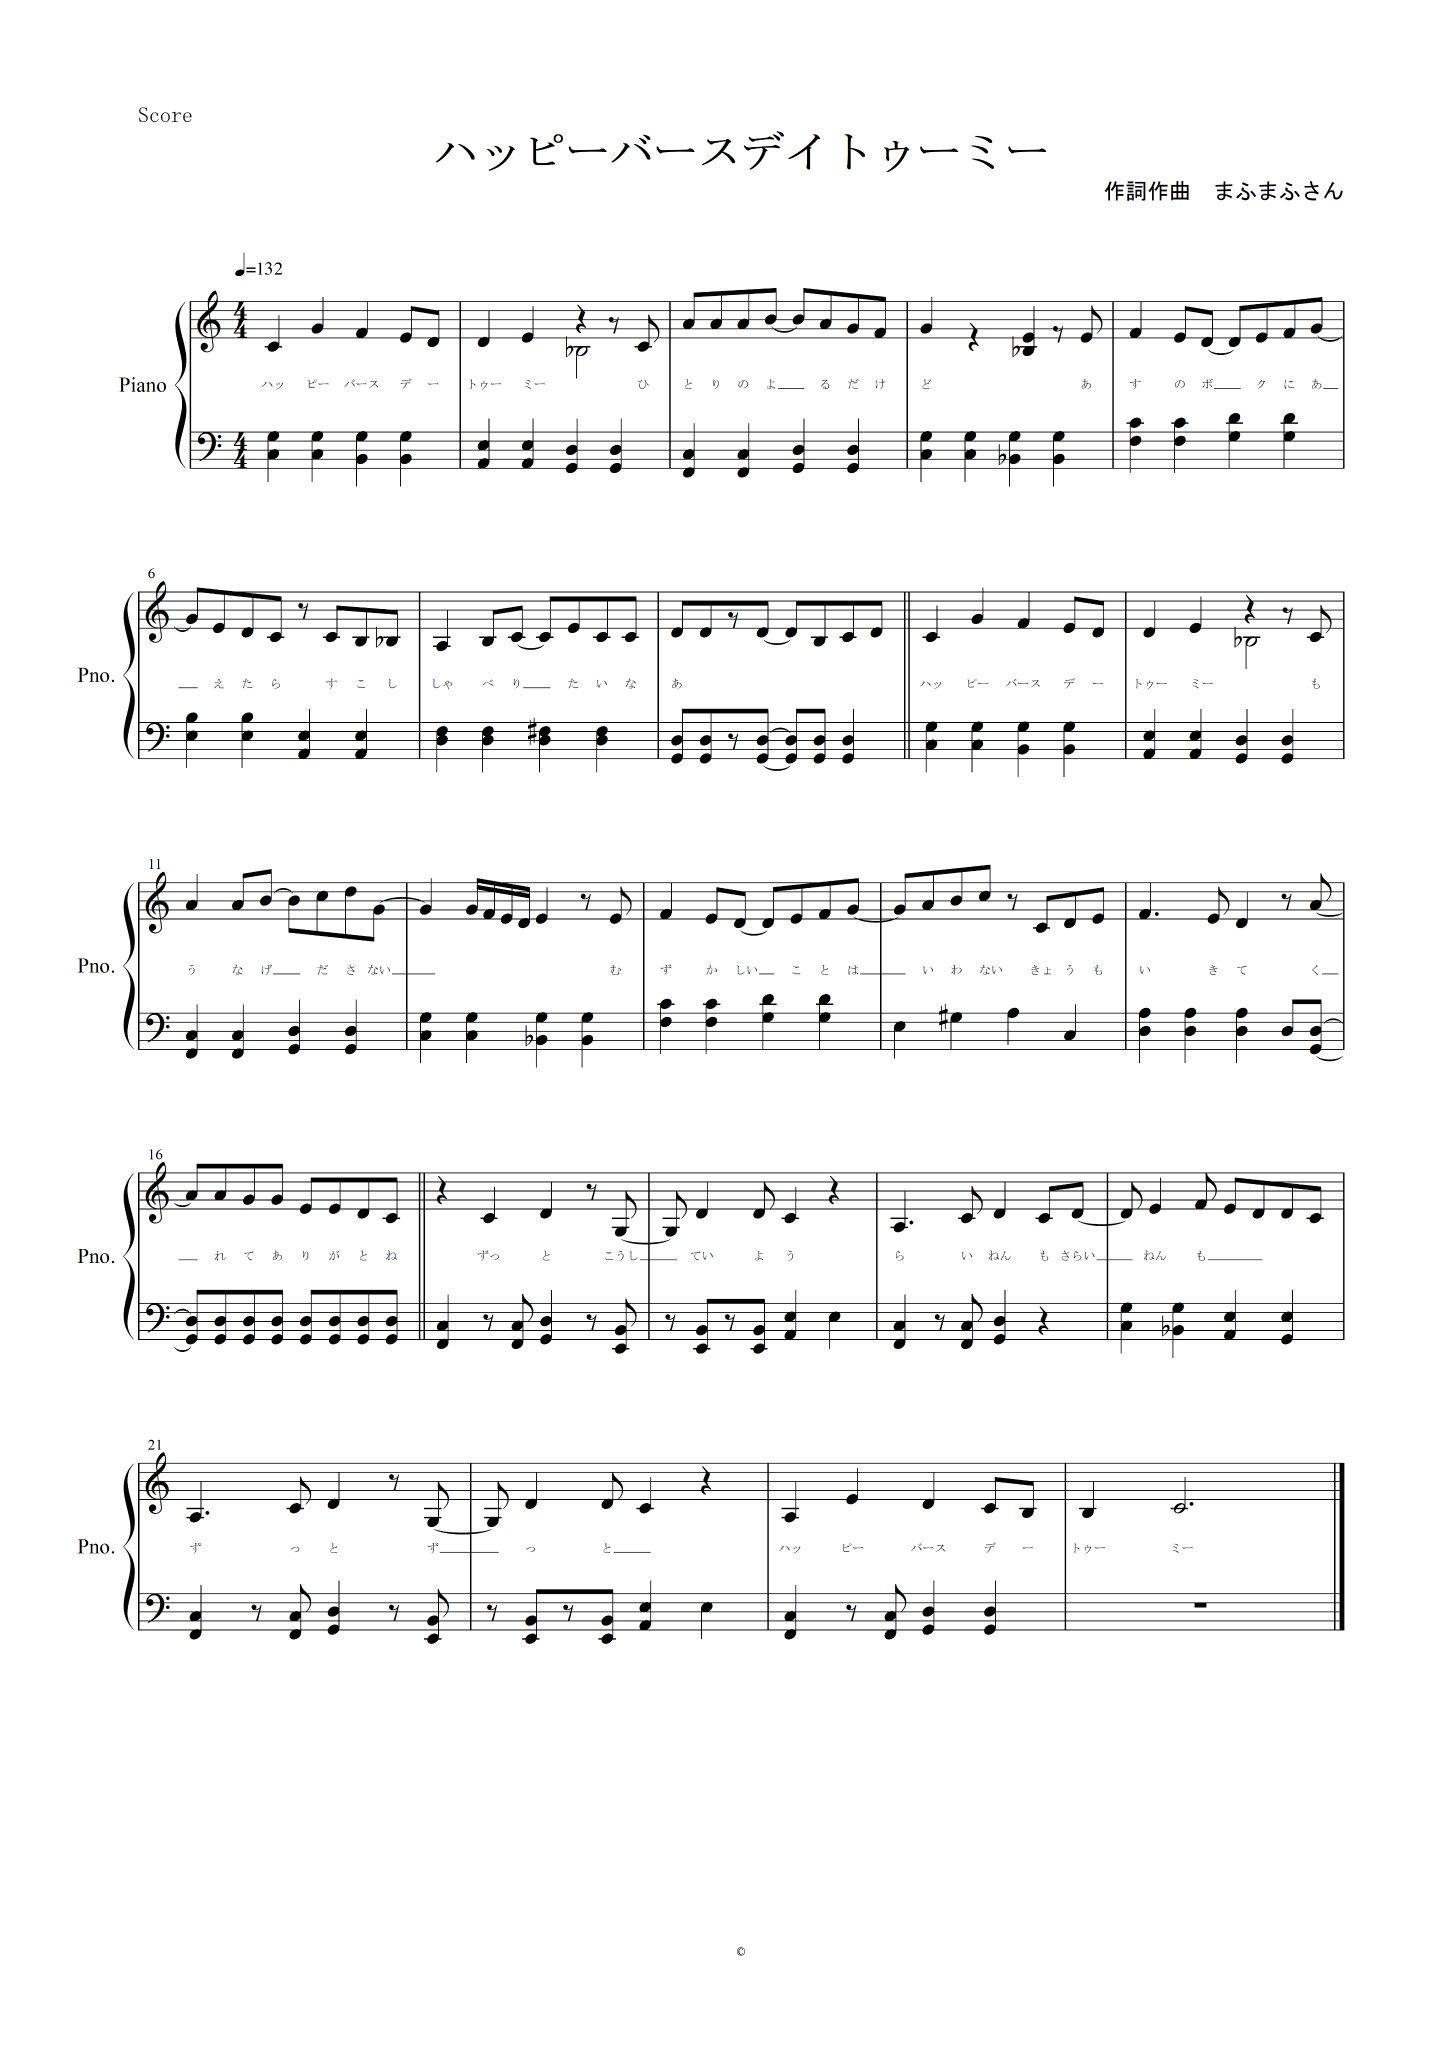 楽譜 ハッピー 無料 バースデー